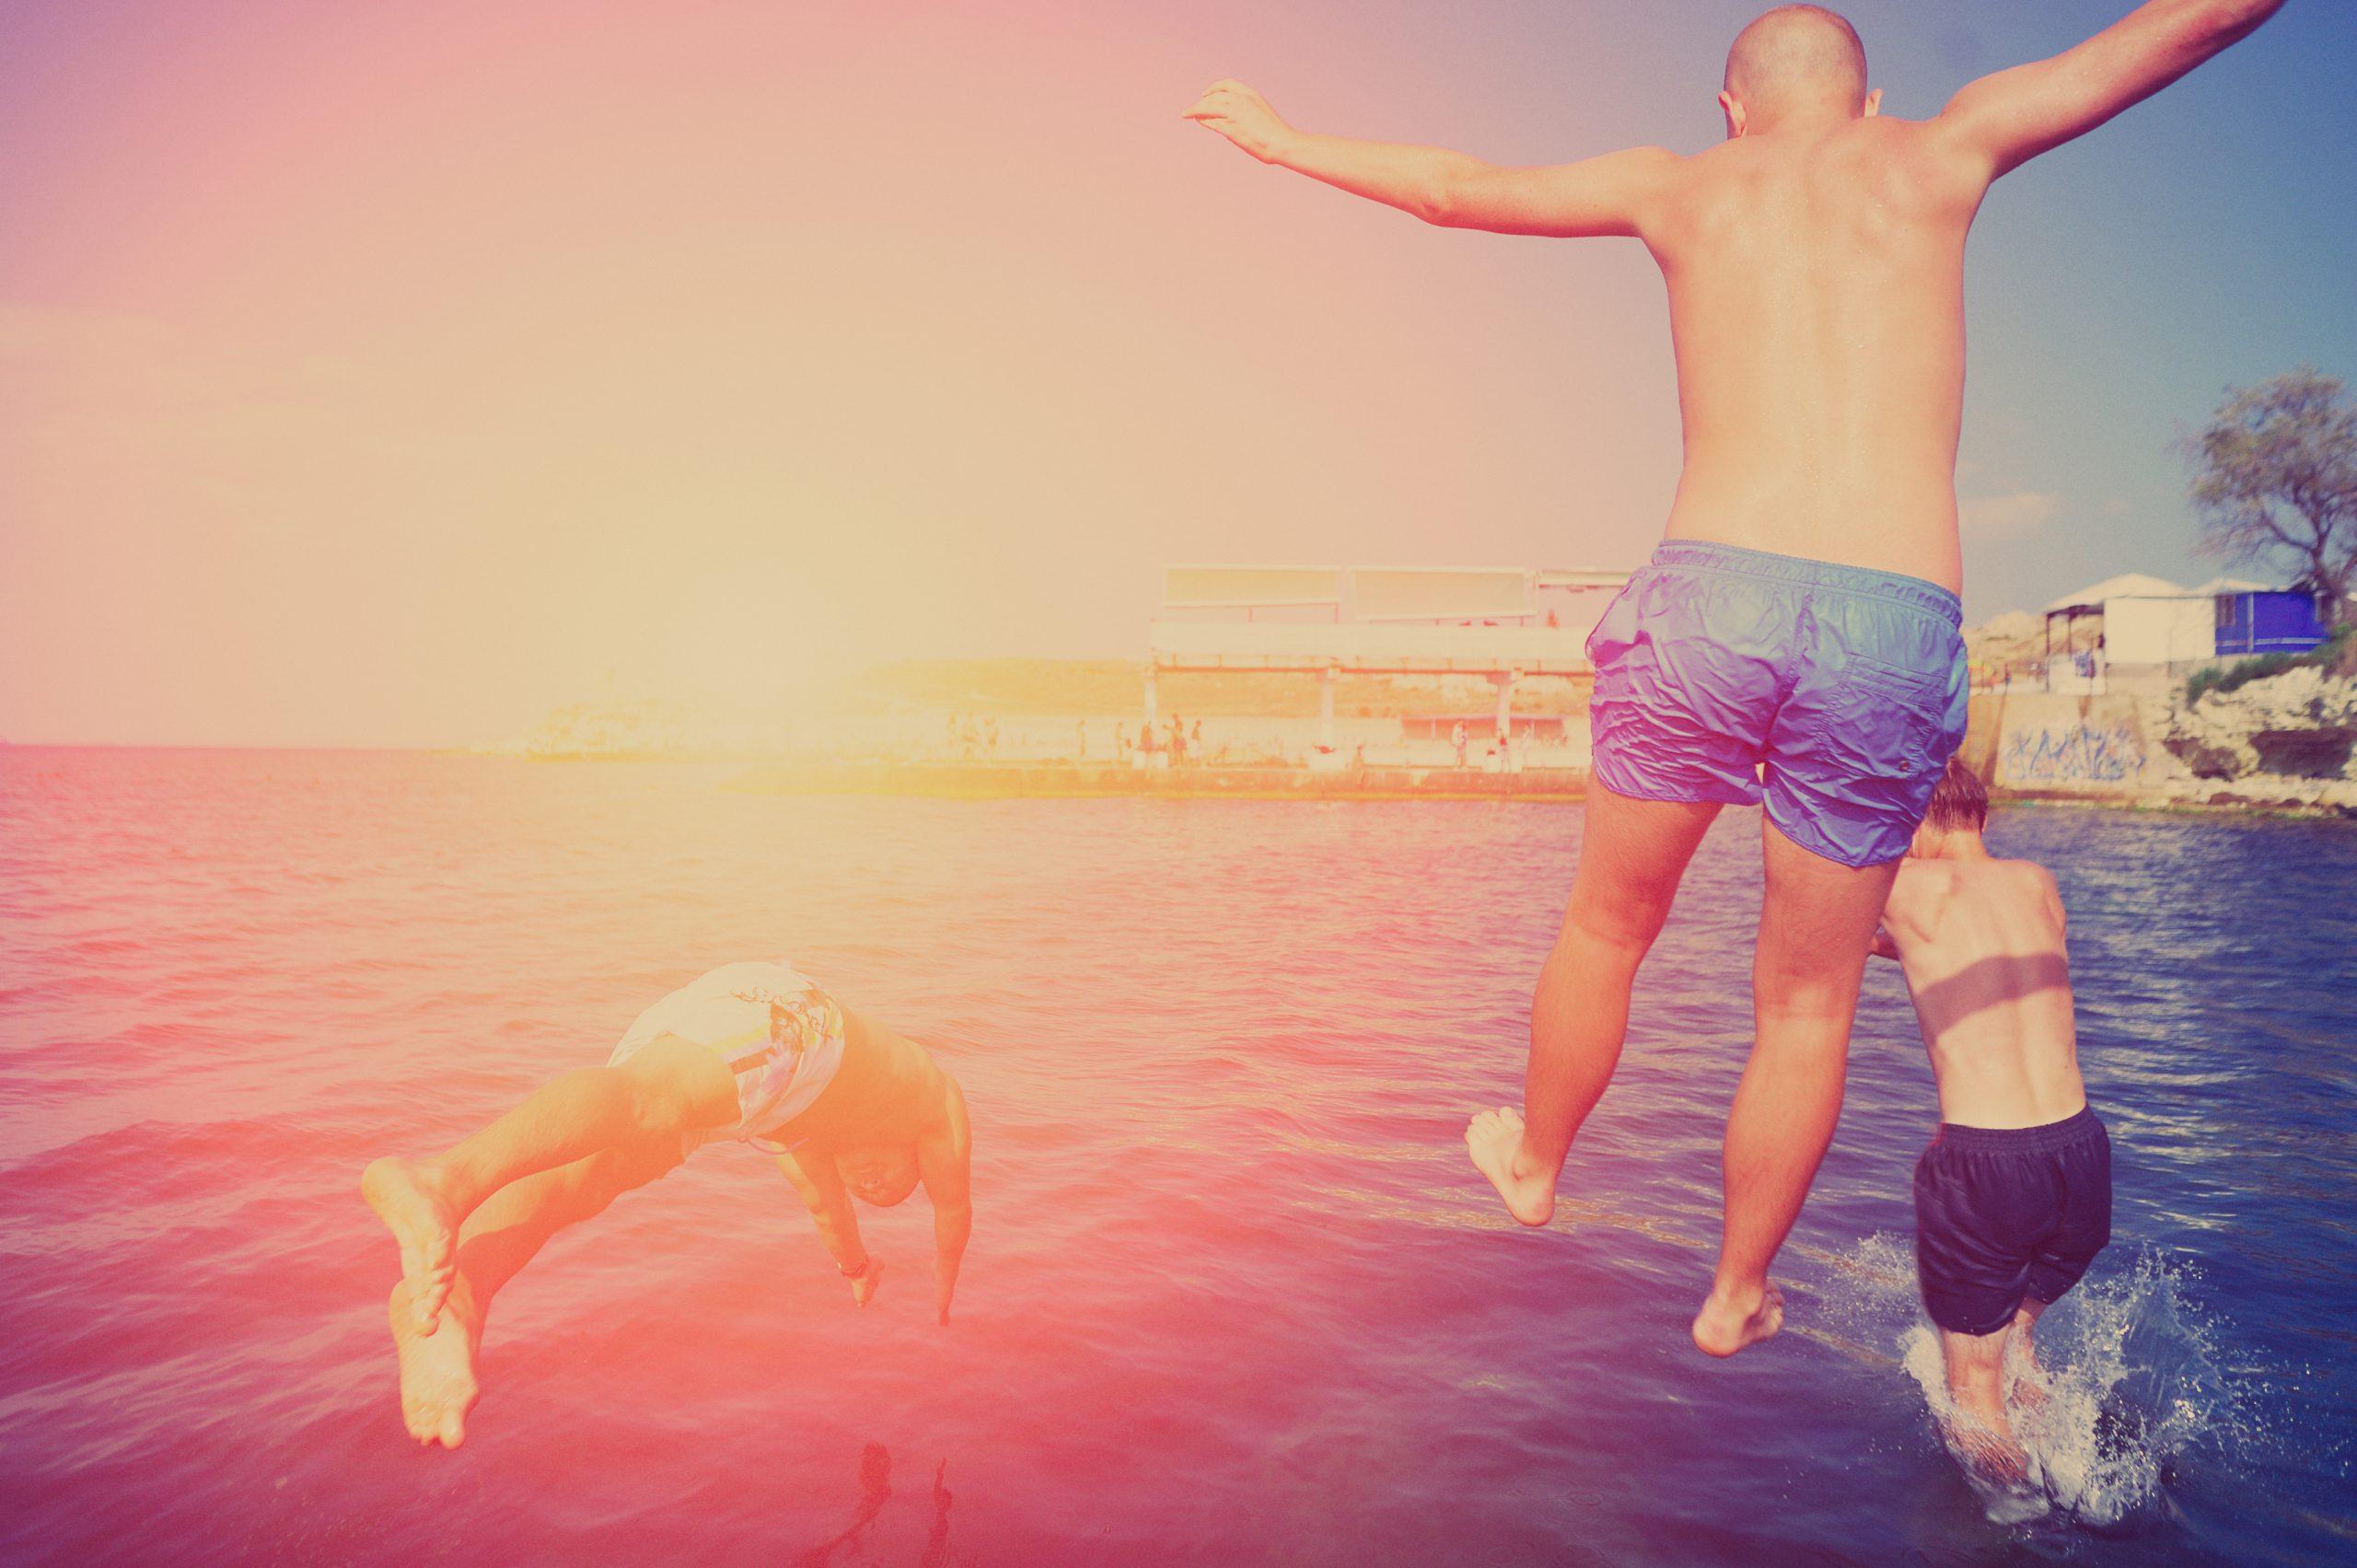 Vacaciones LGTBI en velero por Alicante Vacaciones grupos LGTBI en velero